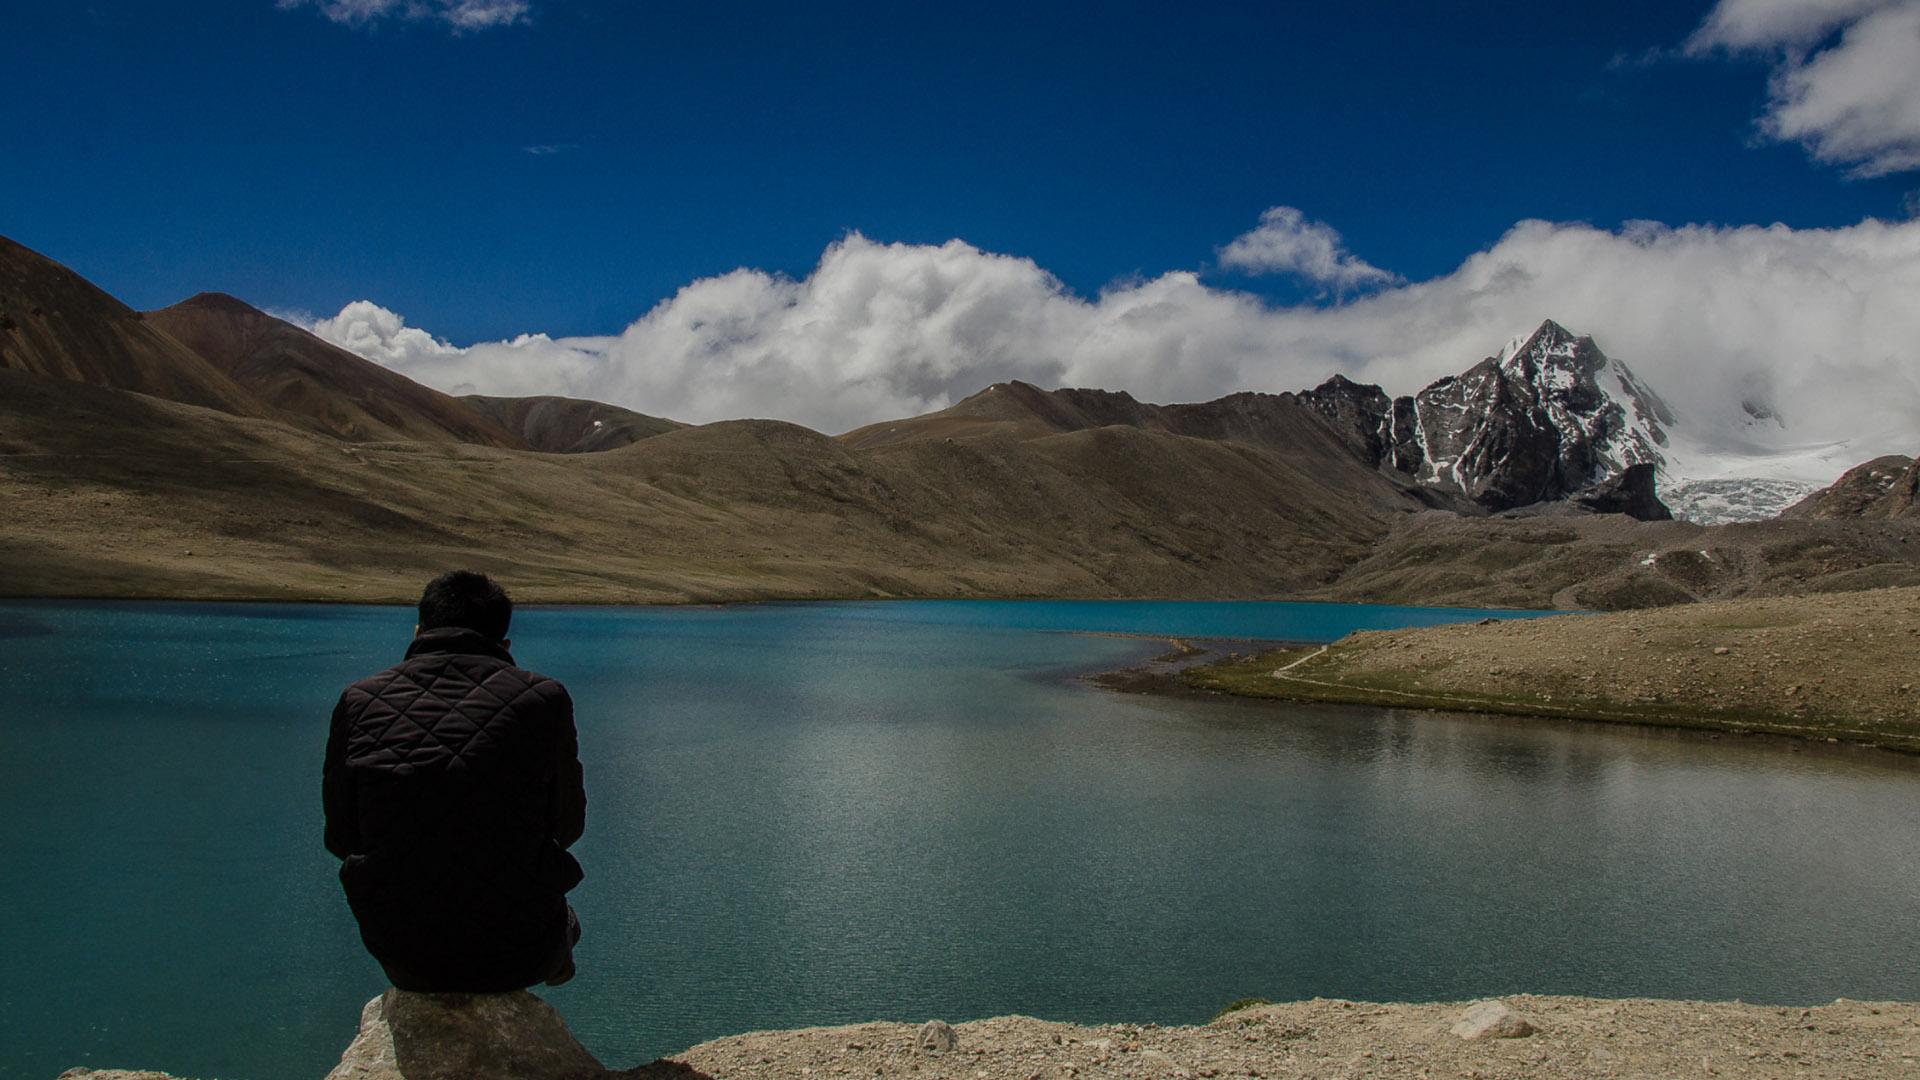 Prabhu Ravichandran Serenity Photofocus Photographer of the Day